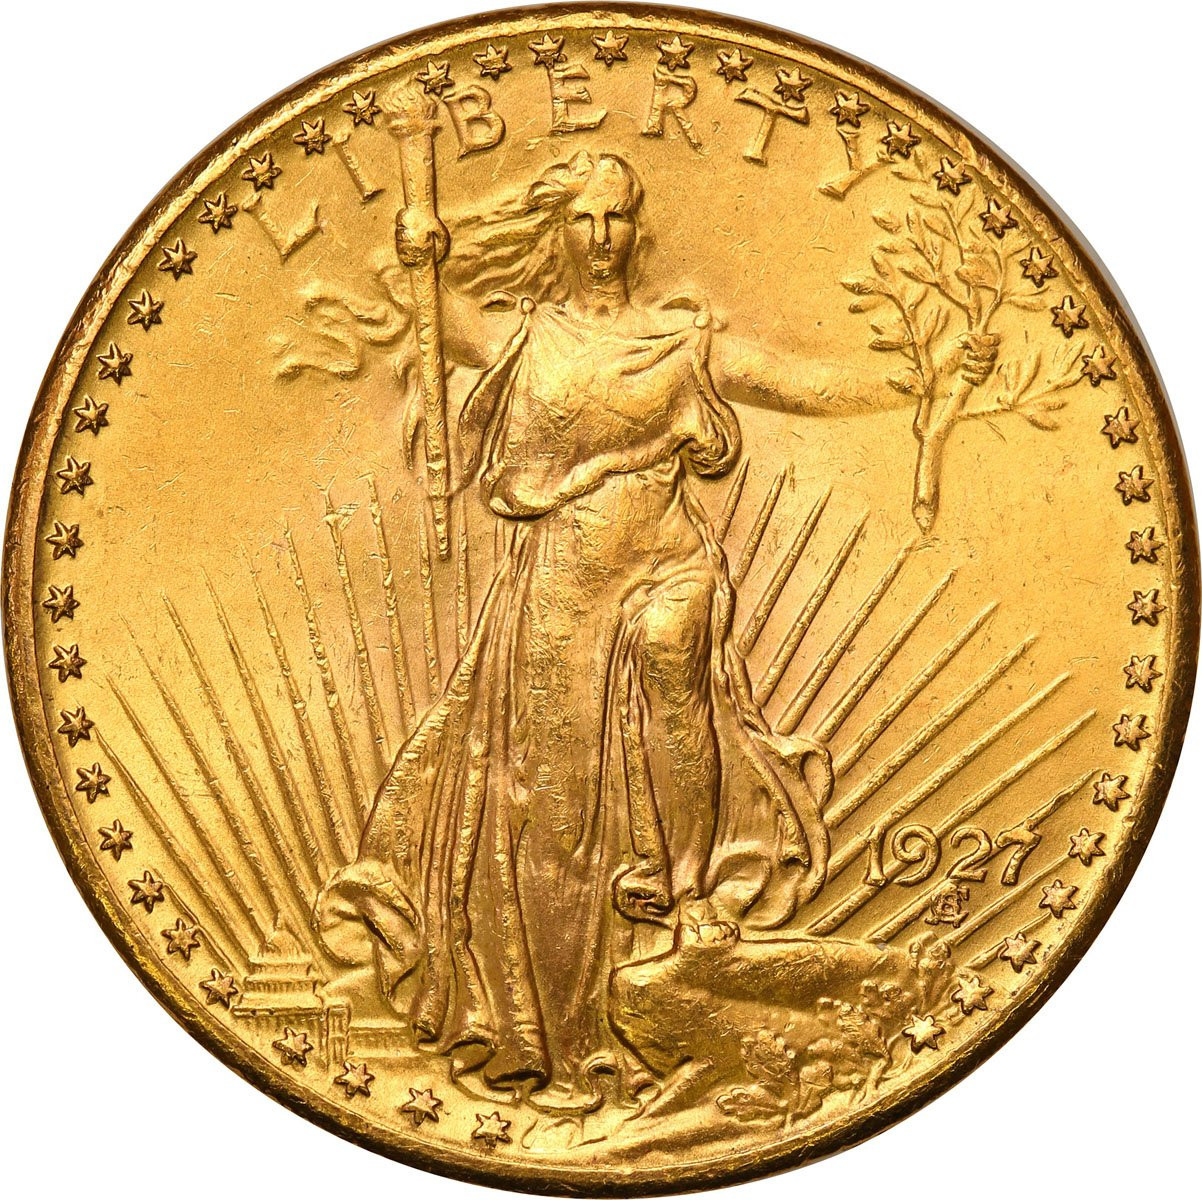 USA 20 $ dolarów 1927 Filadelfia – PIĘKNE